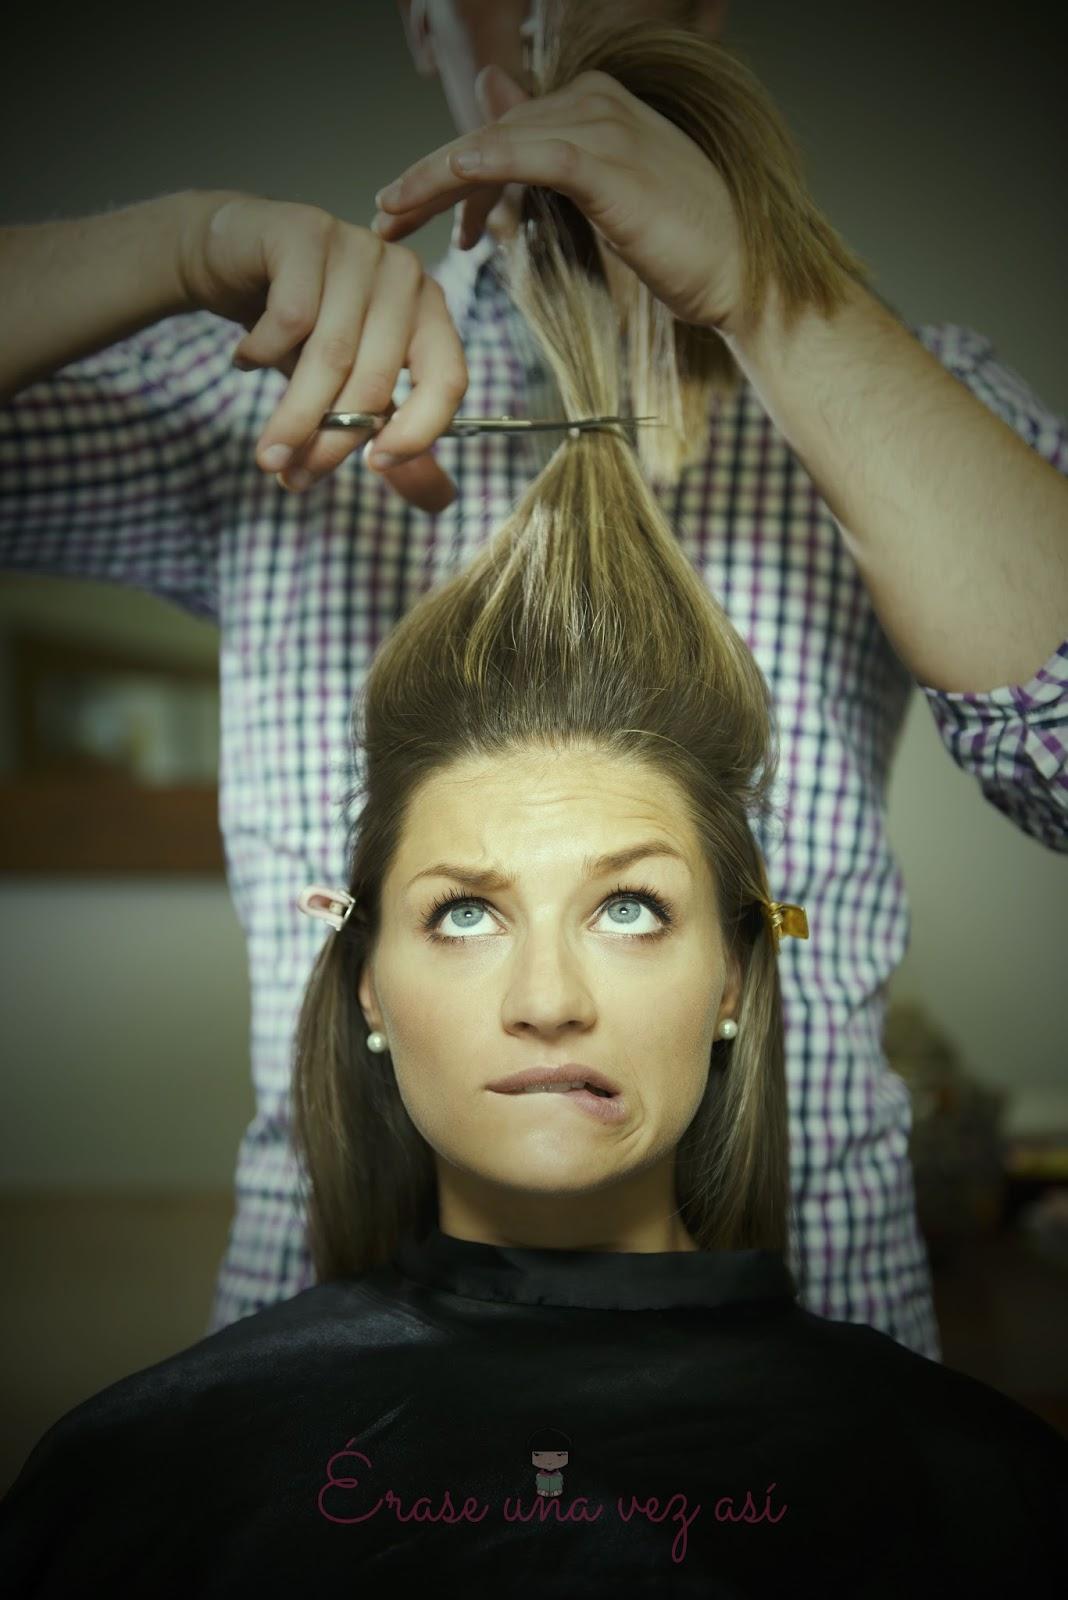 Solo las puntas , terminar con una relacion, ansiedad, como me corto el cabello